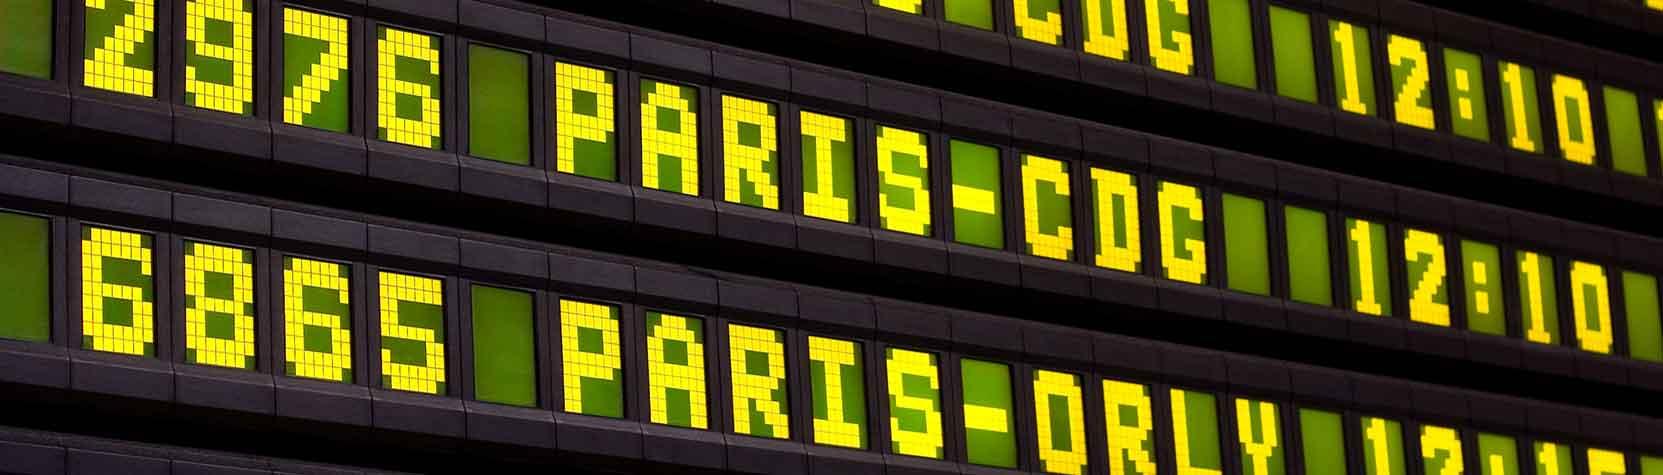 Comment Rejoindre Paris Depuis L Aeroport D Orly Lodgis Blog